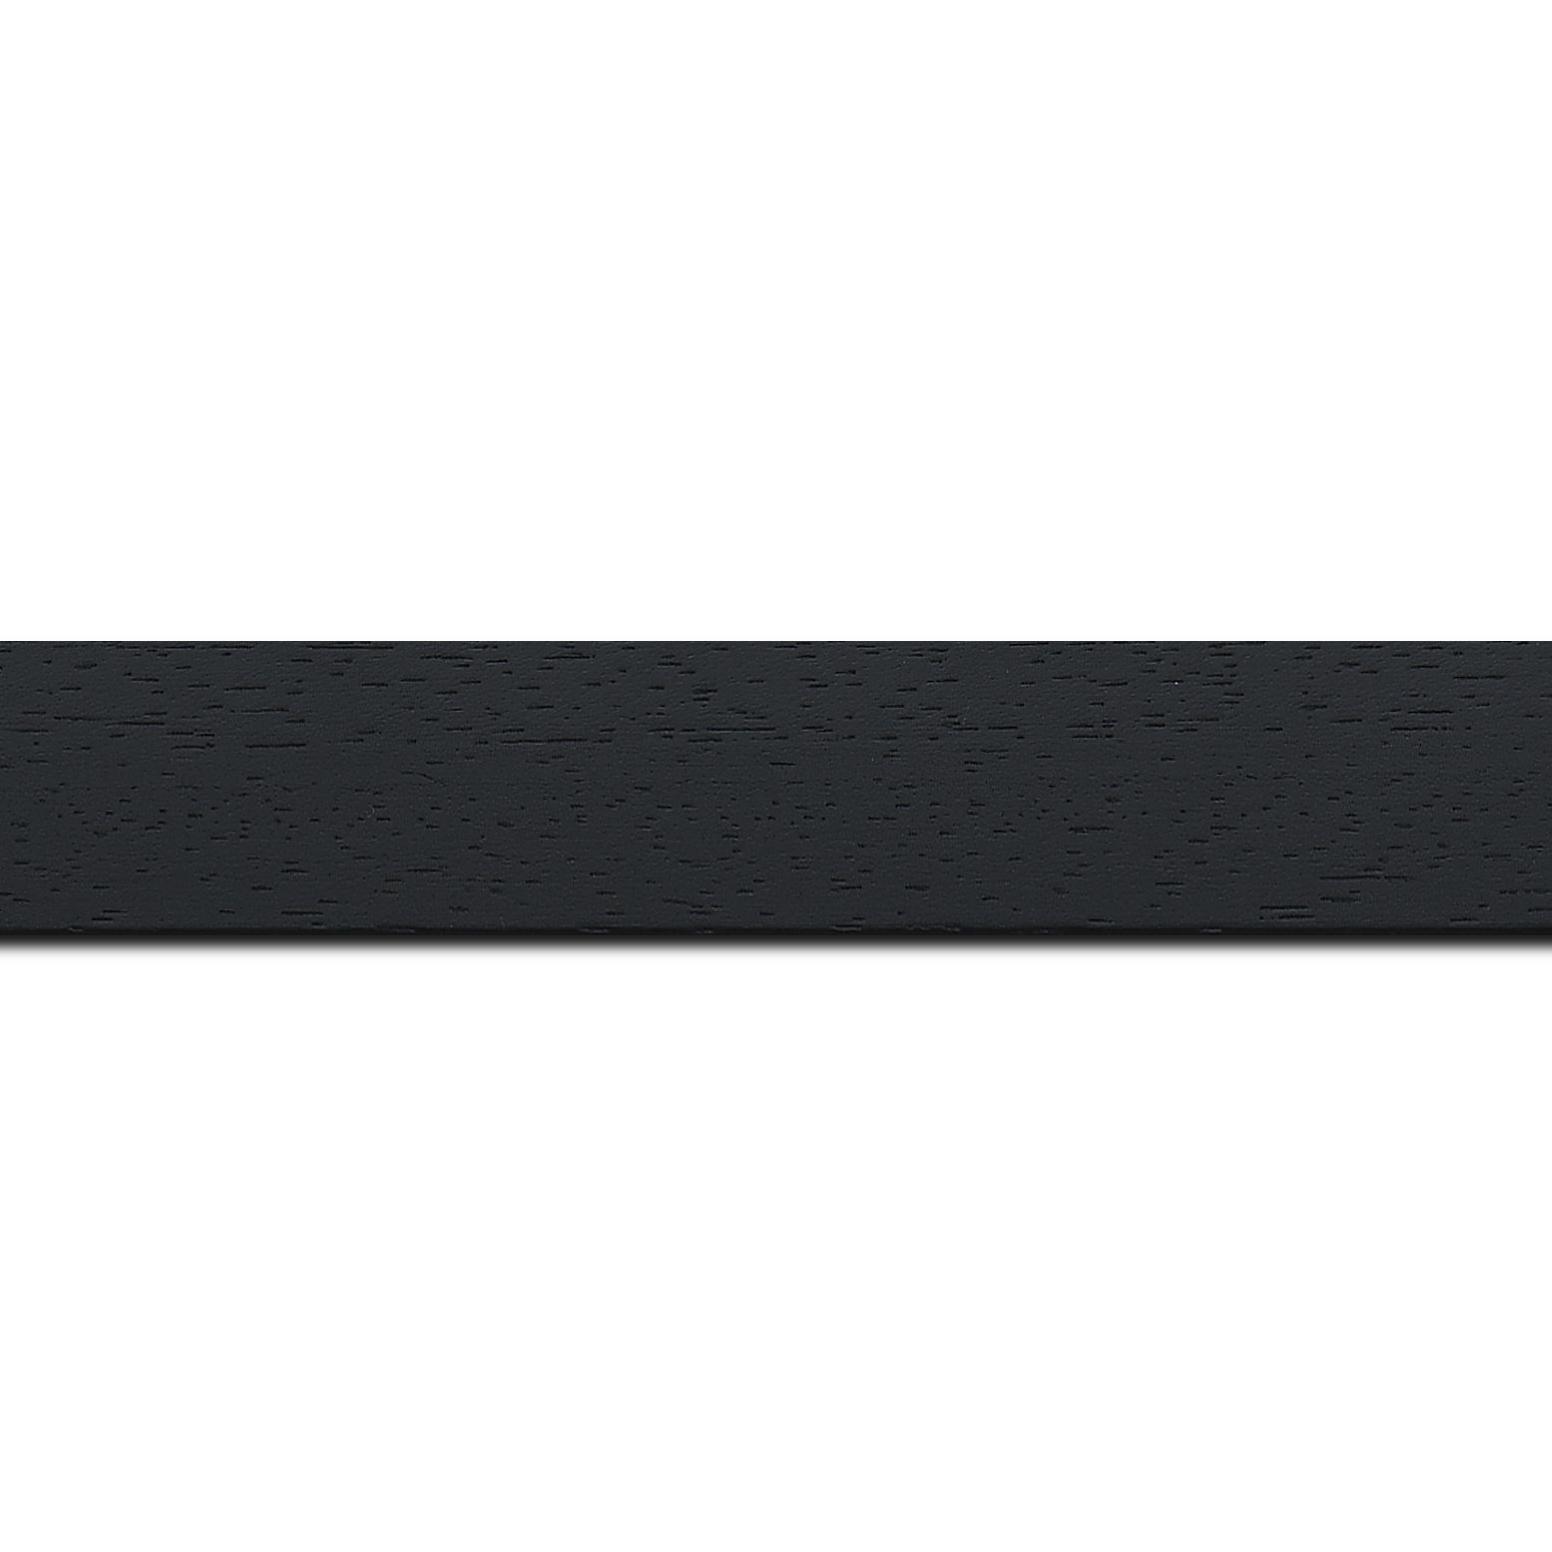 Baguette longueur 1.40m bois profil plat largeur 3cm couleur noir satiné